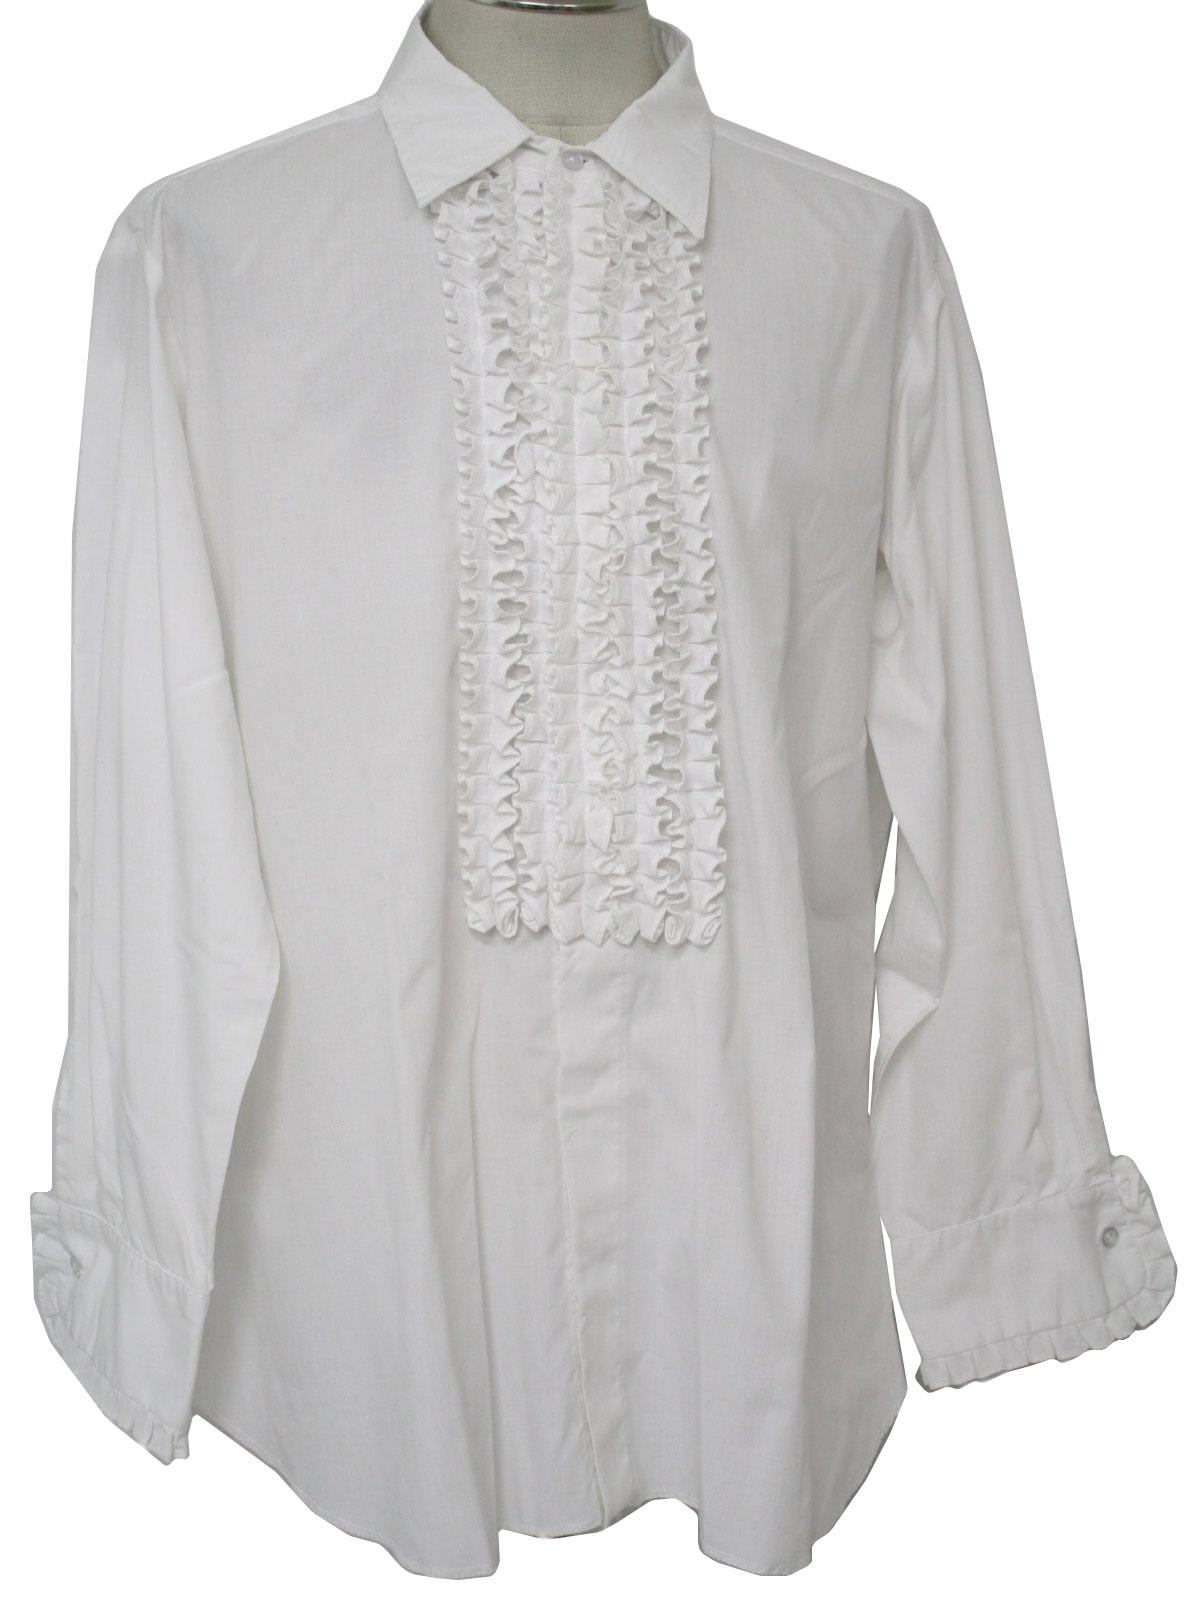 Ruffled Tuxedo T-shirt Tuxedo Shirt With Ruffled